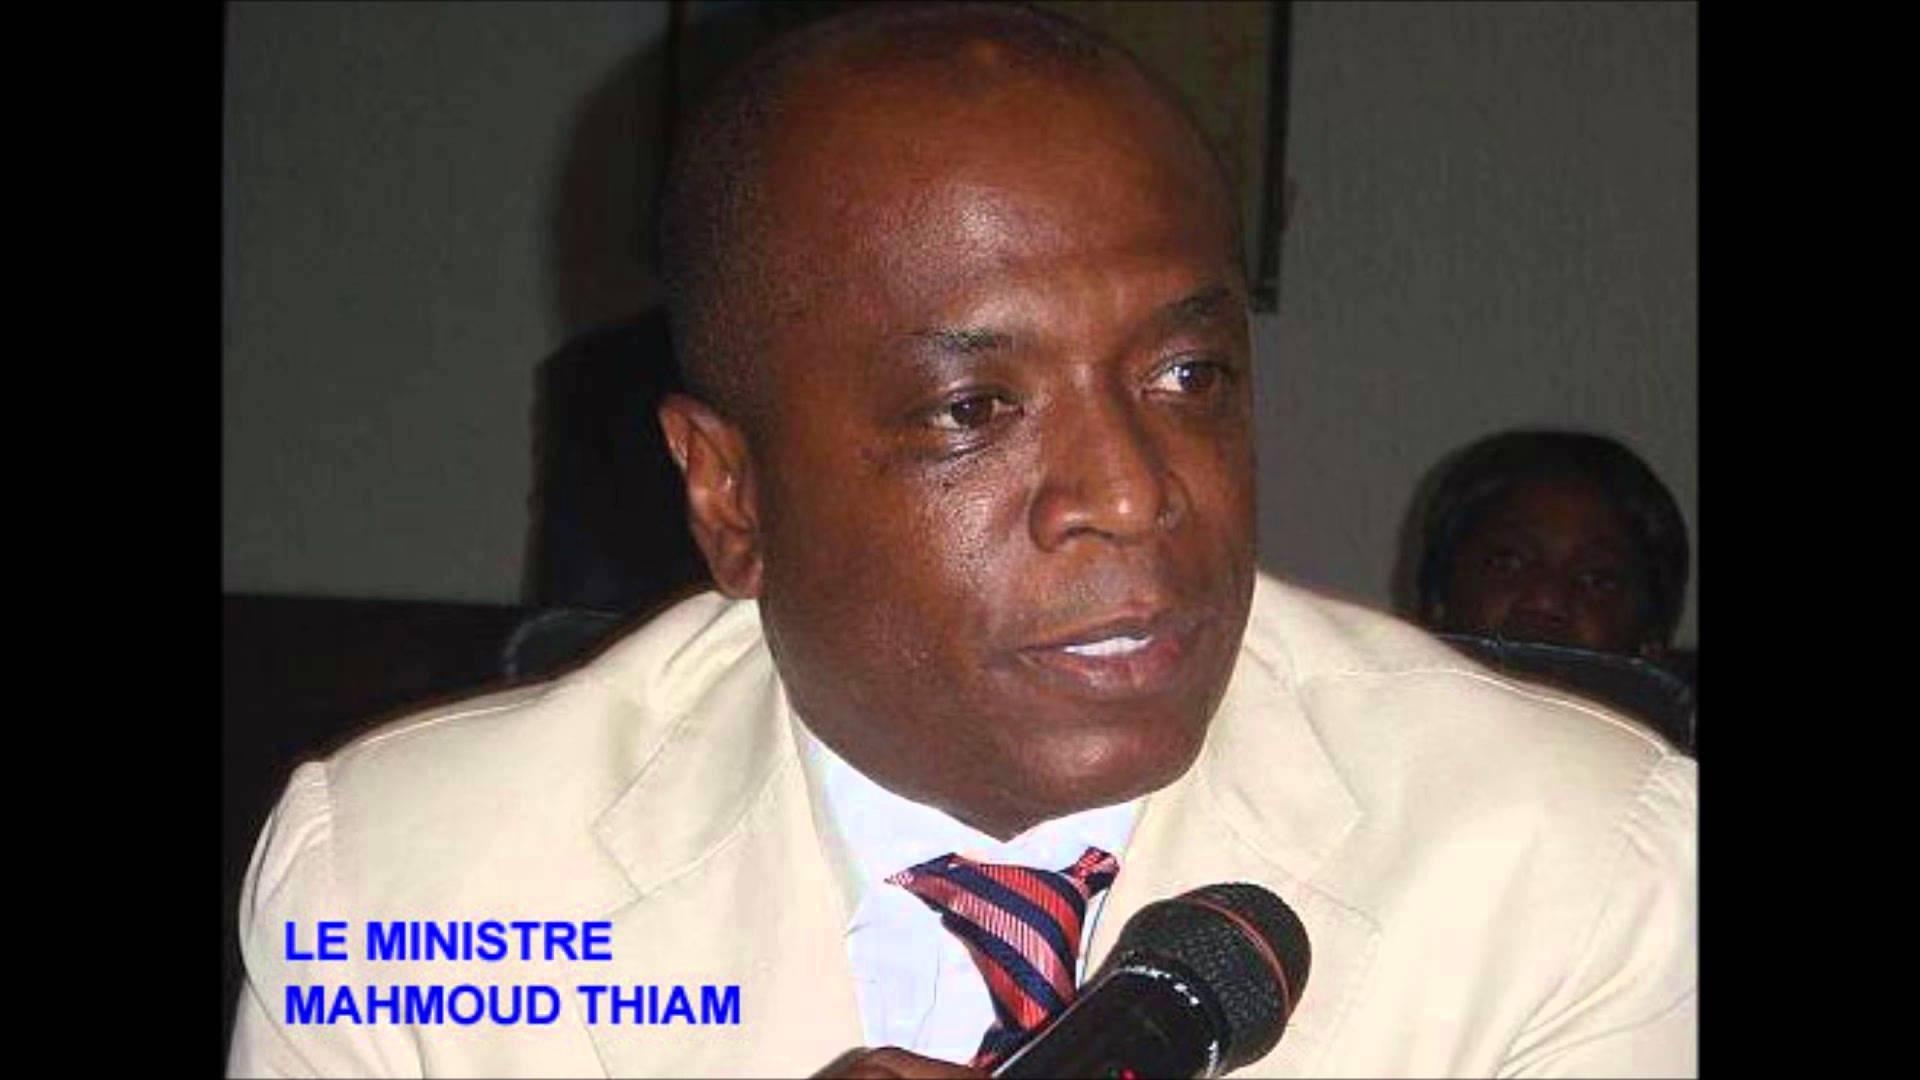 محمود تيام: وزير المعادن الغيني الأسبق.